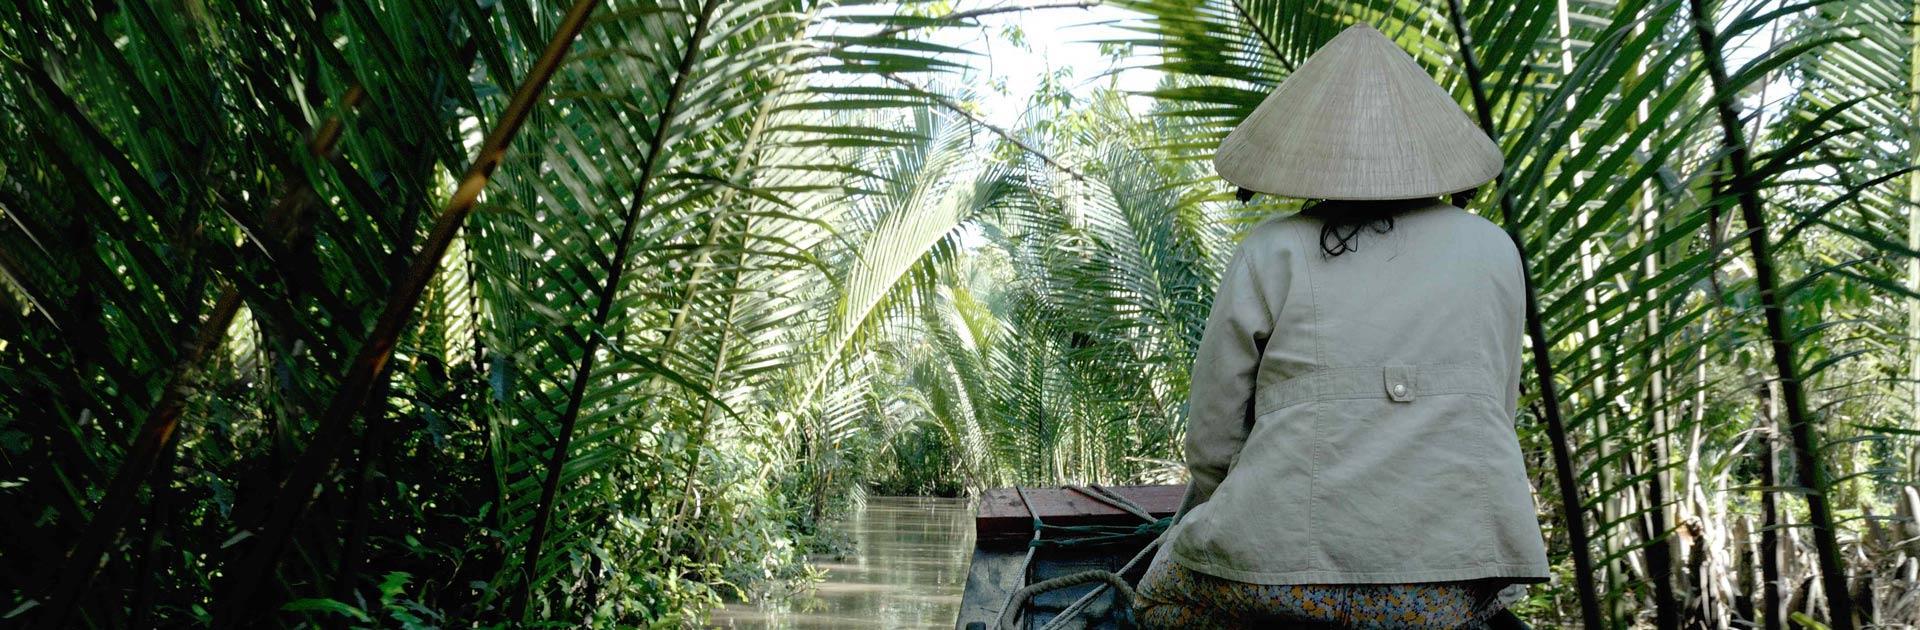 LAVN Laos y Vietnam 13 días 2